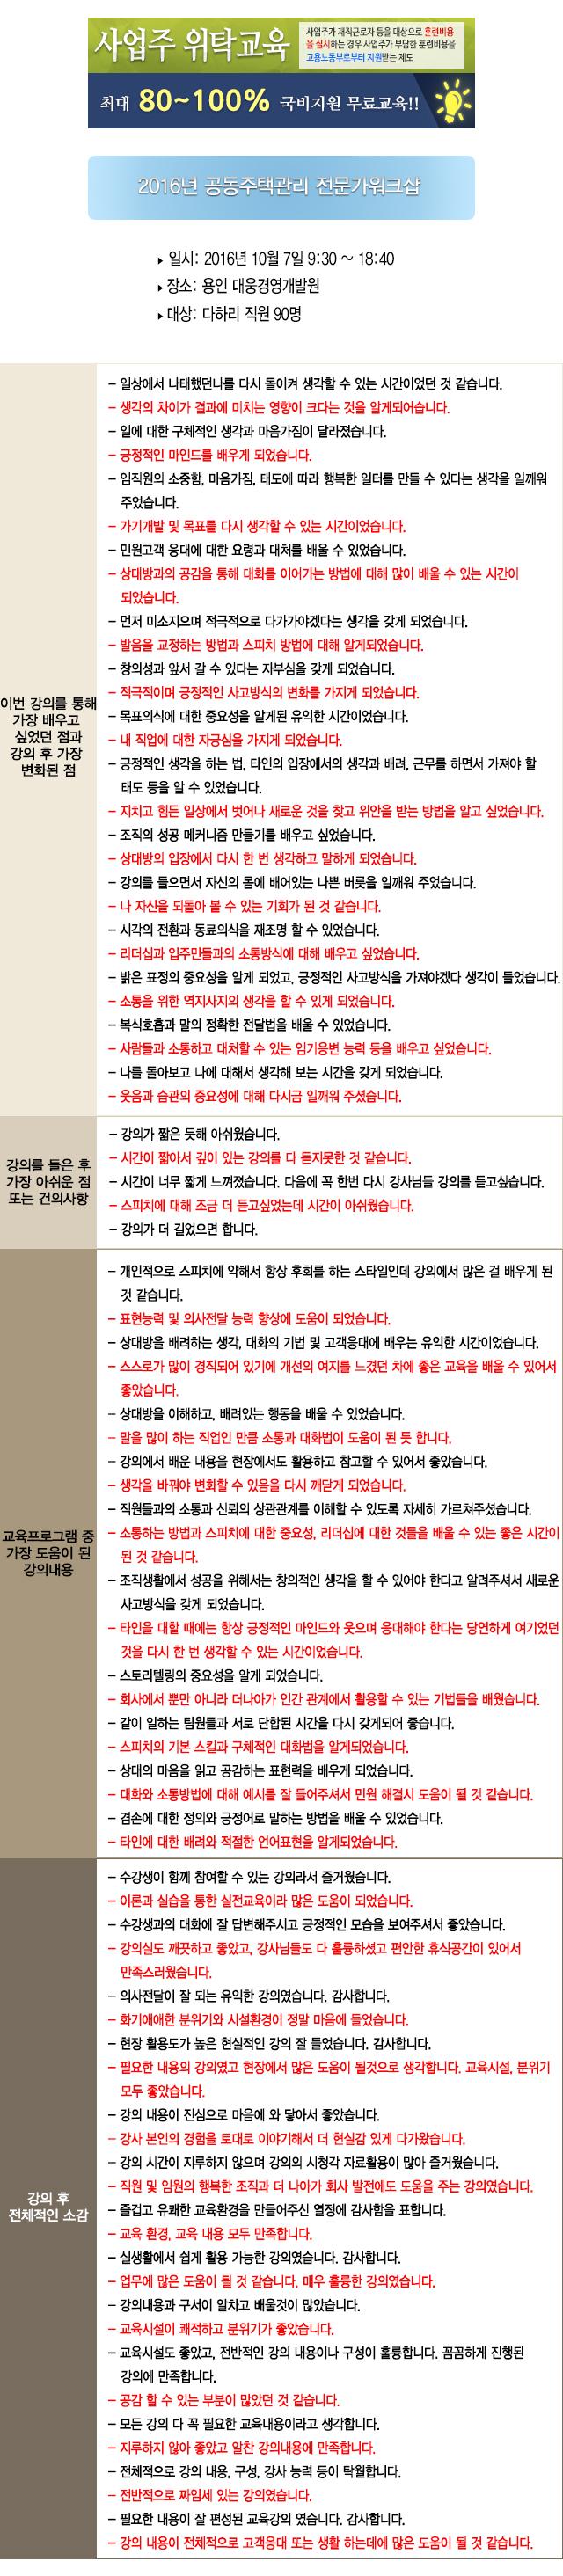 한국중앙인재개발원 후기 다하리.jpg